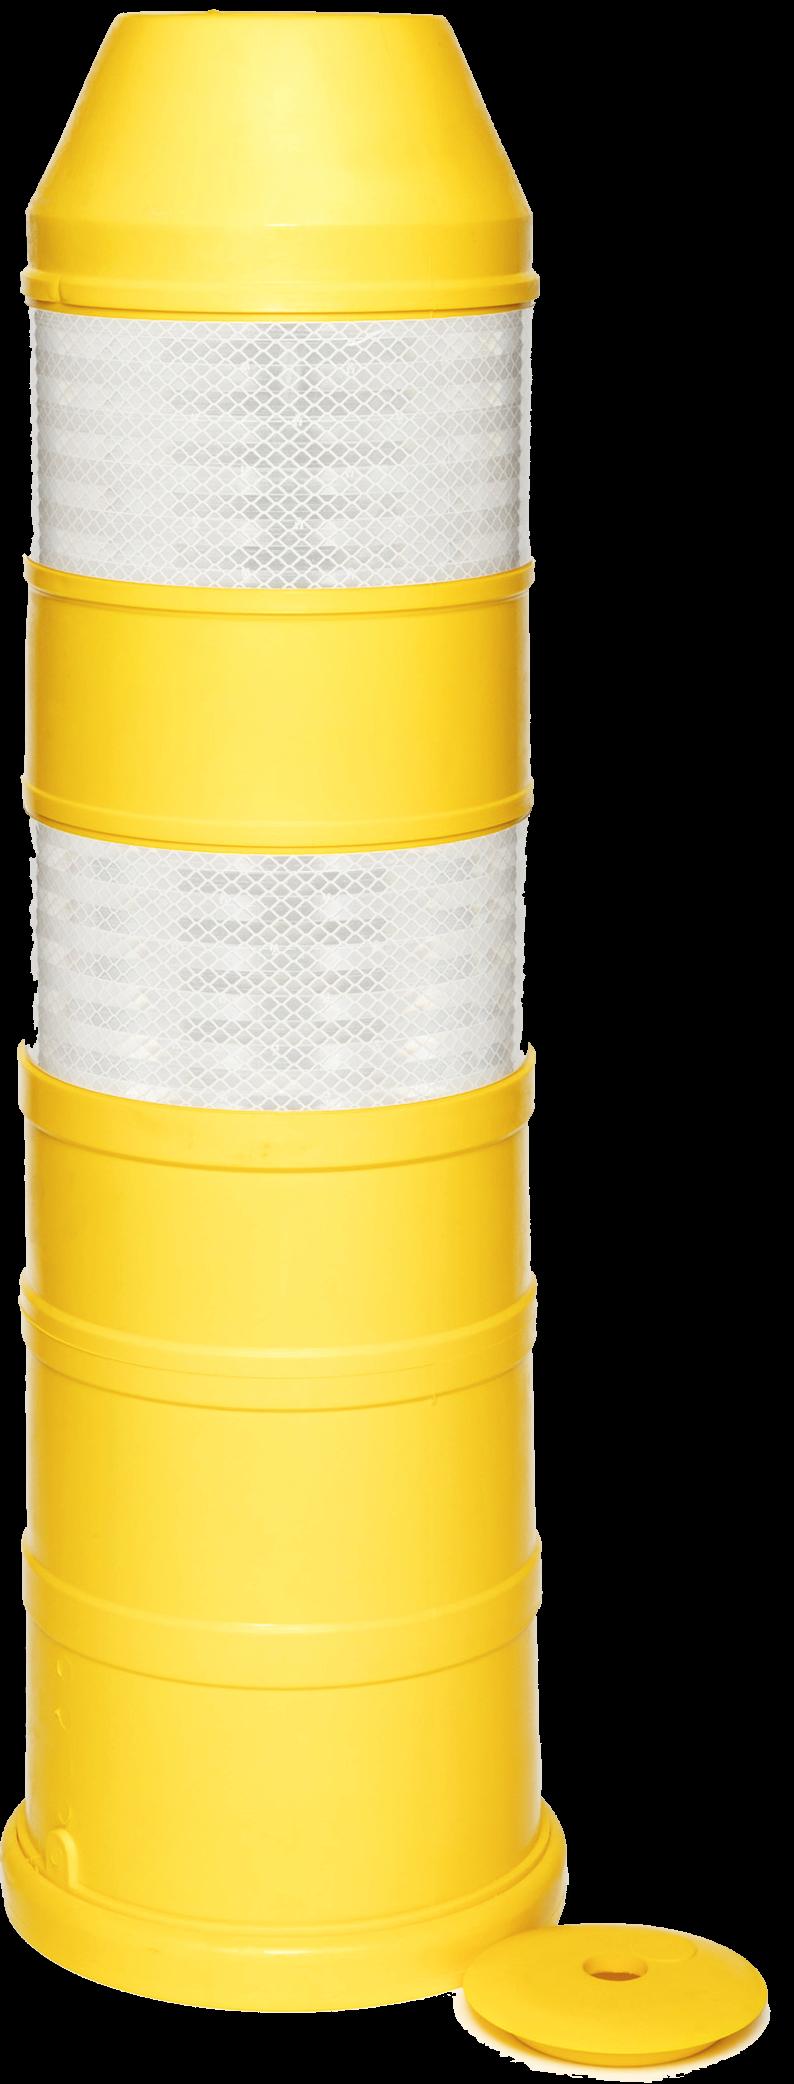 Plooibaken, diam. 220mm, H 750mm geel DG